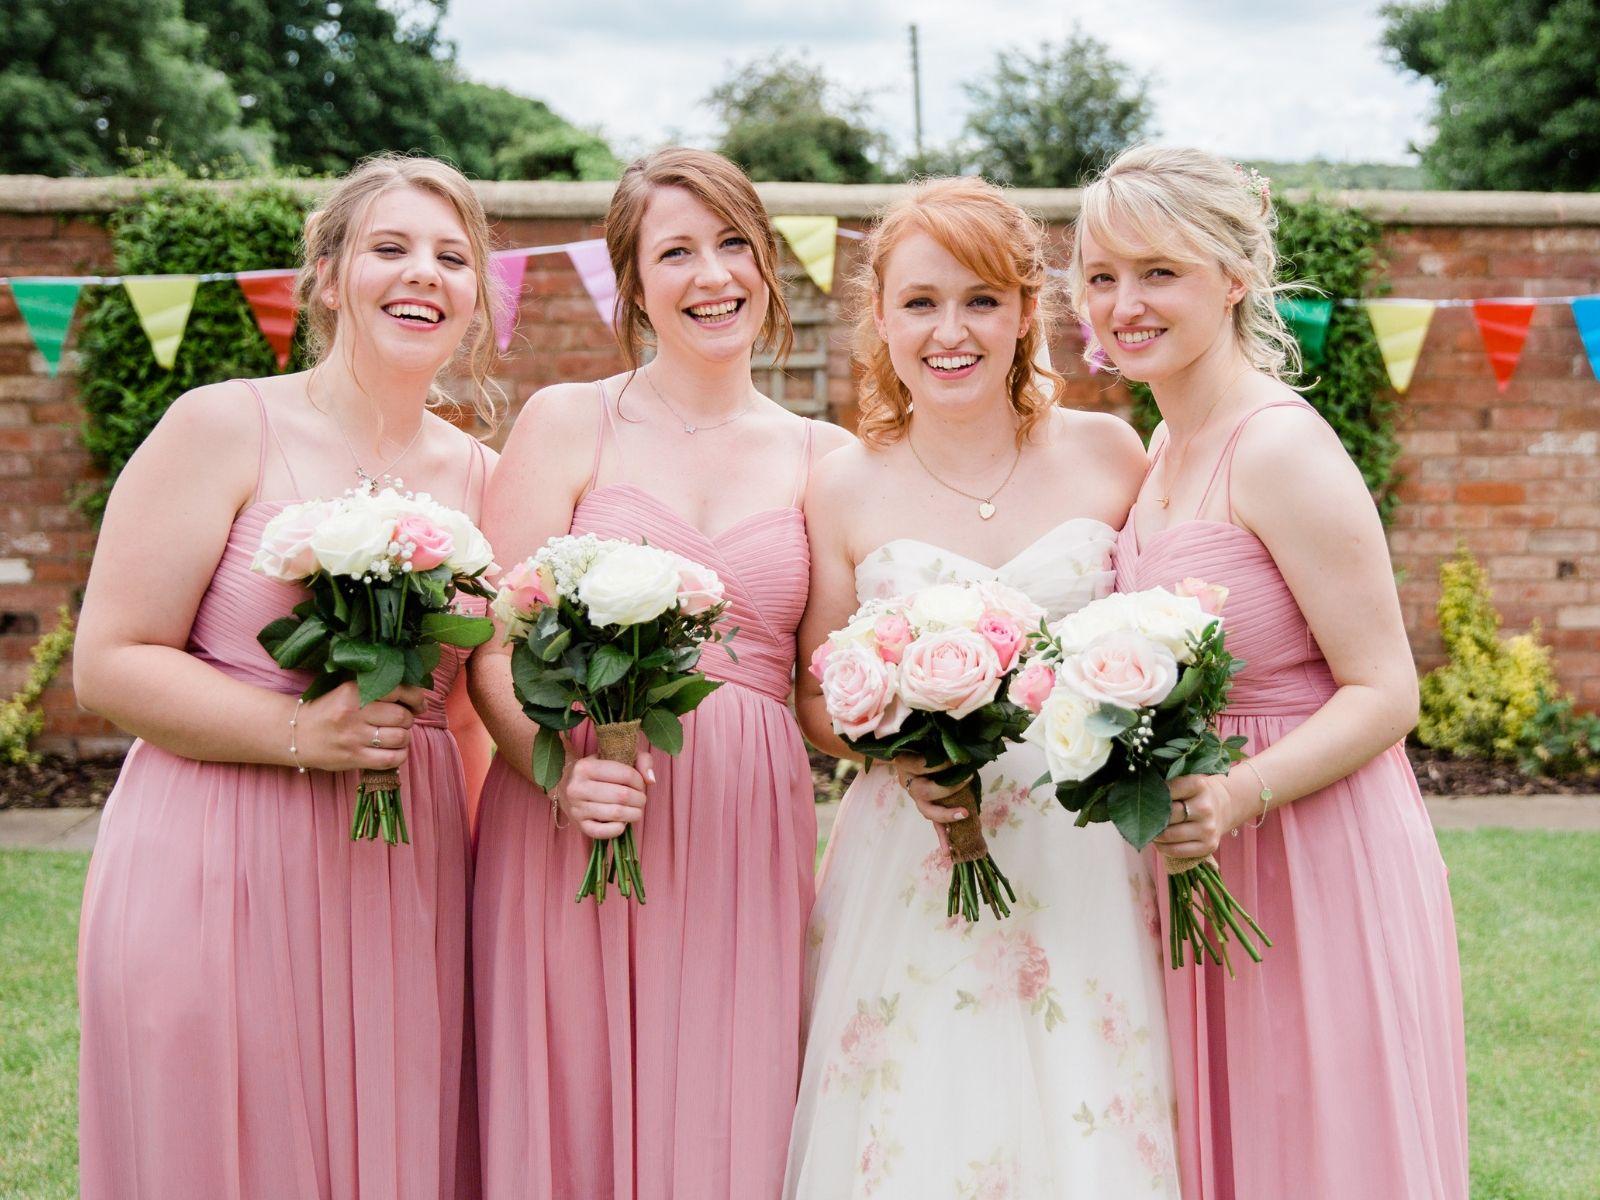 Bridal Party at Boho Bride Boutique wedding